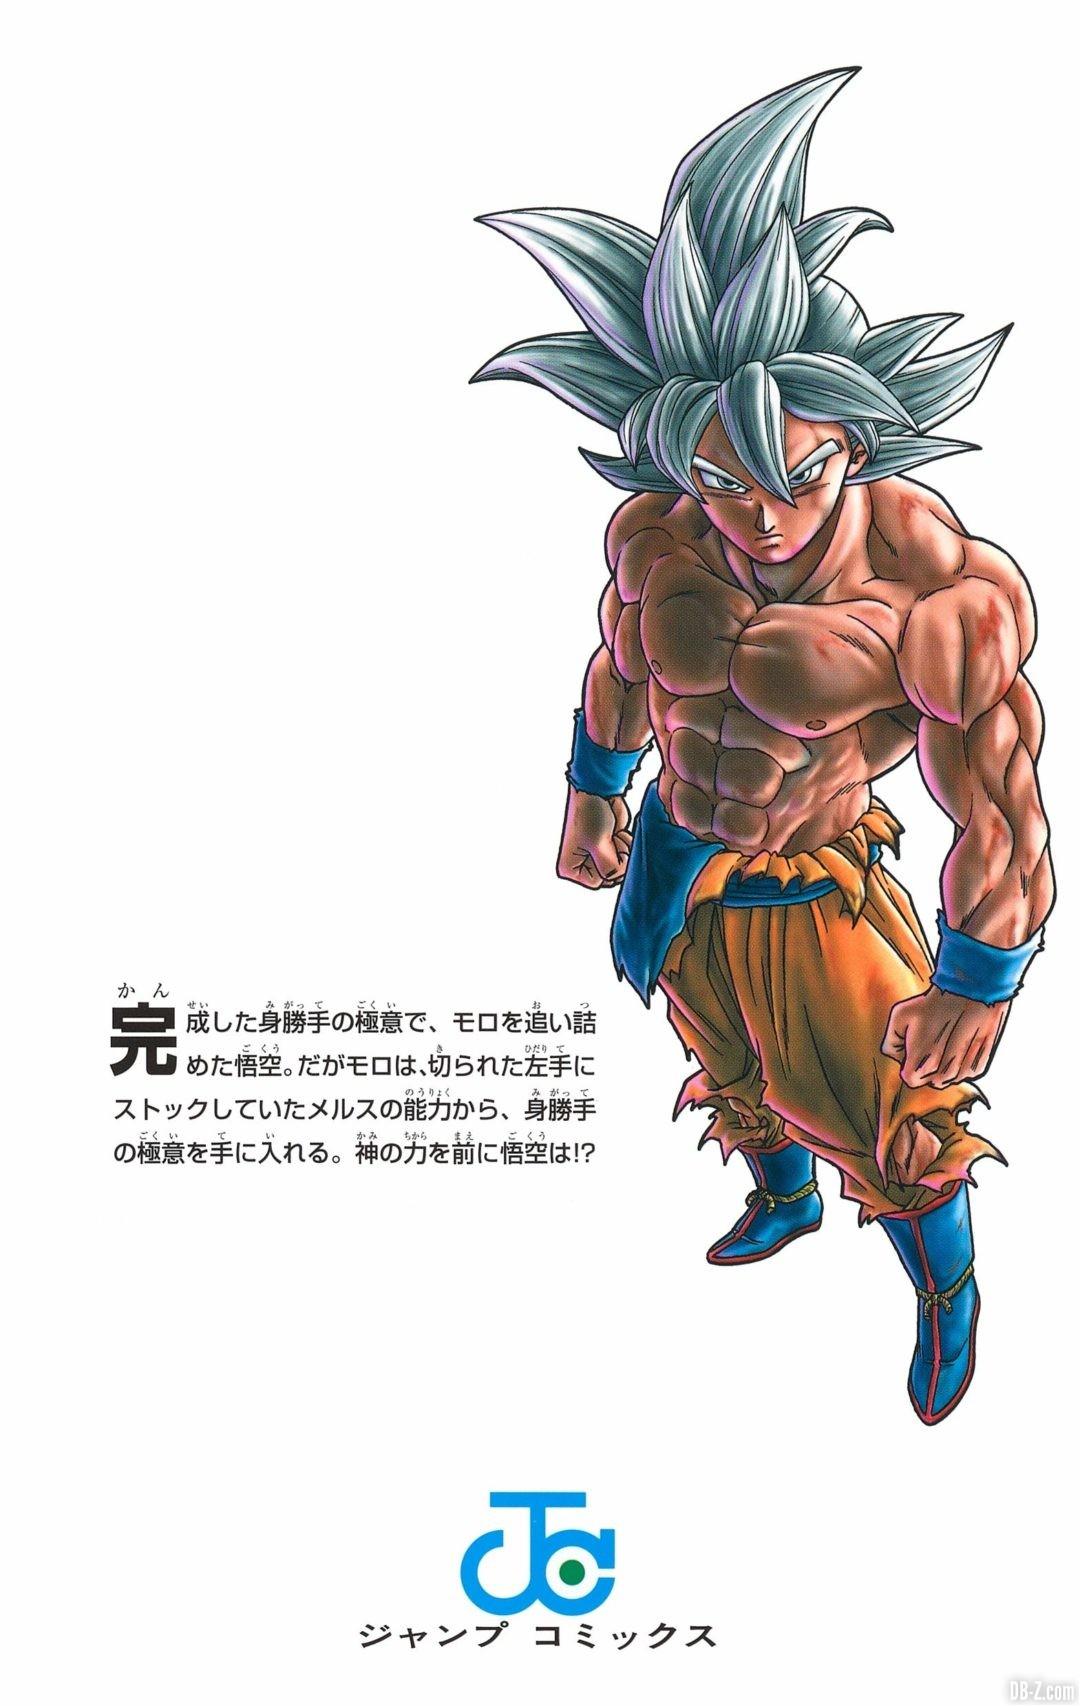 Cover-Tome-15-Dragon-Ball-Super-Back